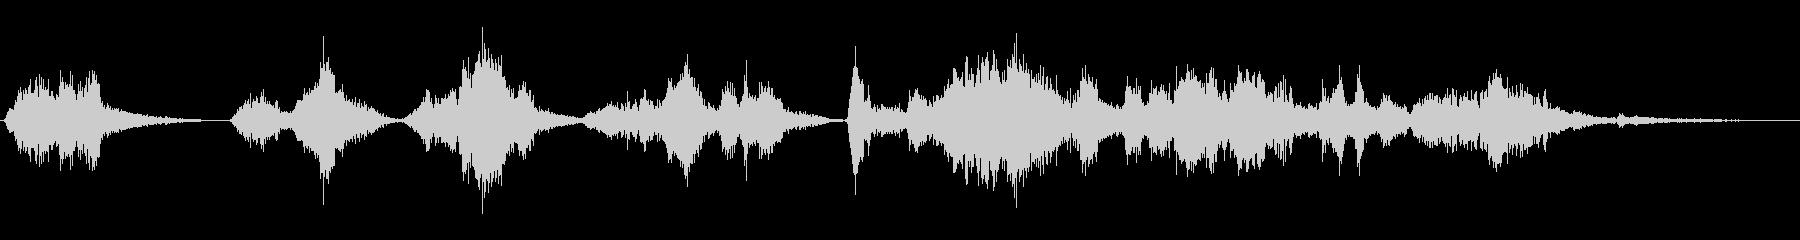 残響する渦巻くボーカルシューという音の未再生の波形